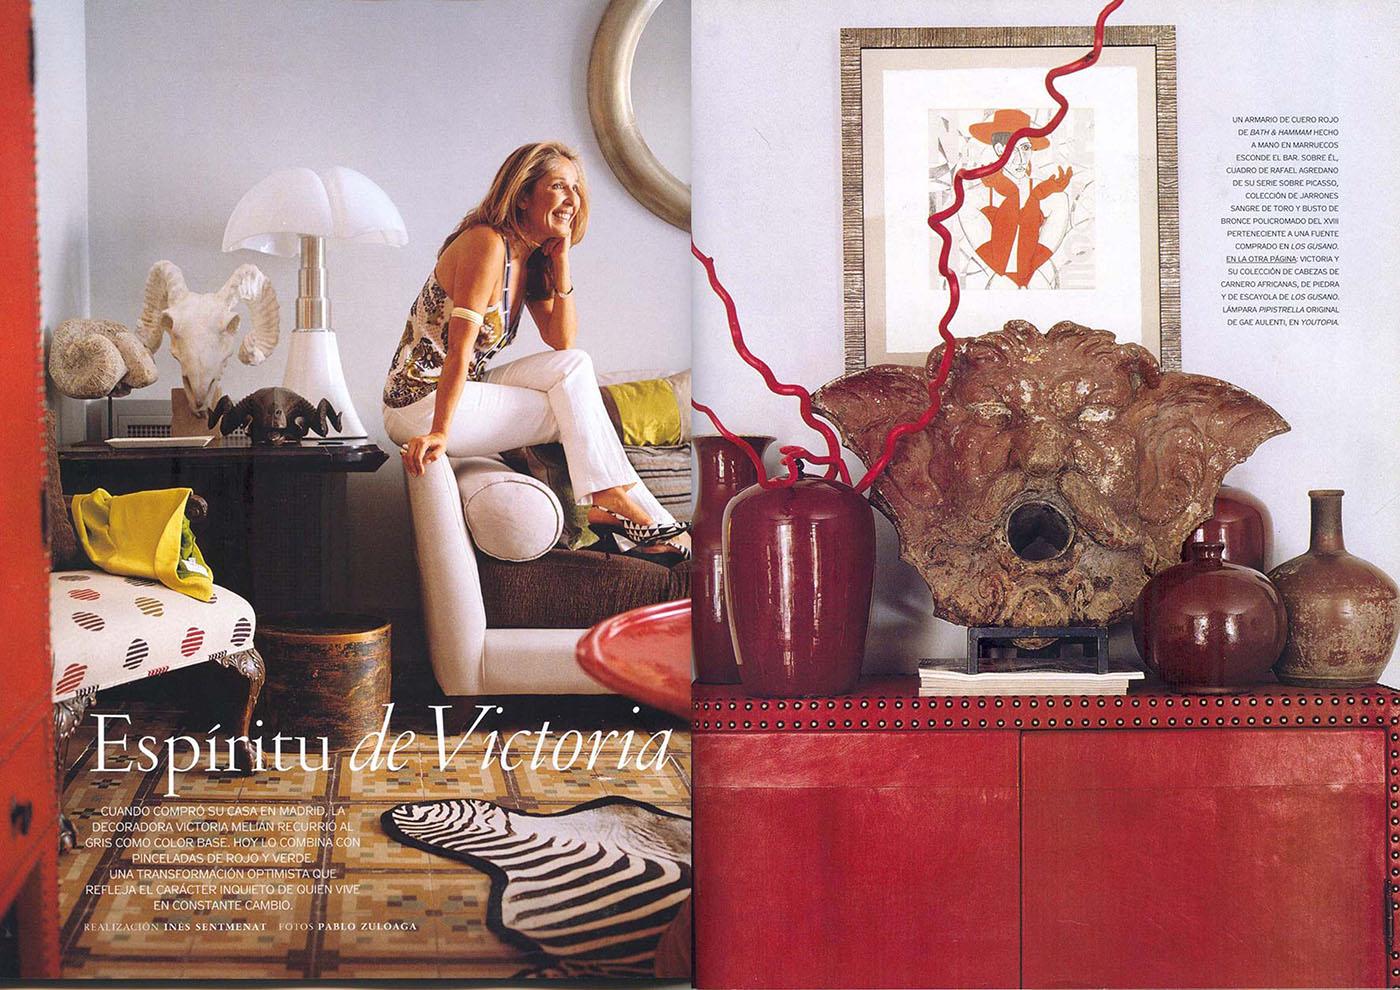 revista-ad-enero-2007-melian_randolph-1